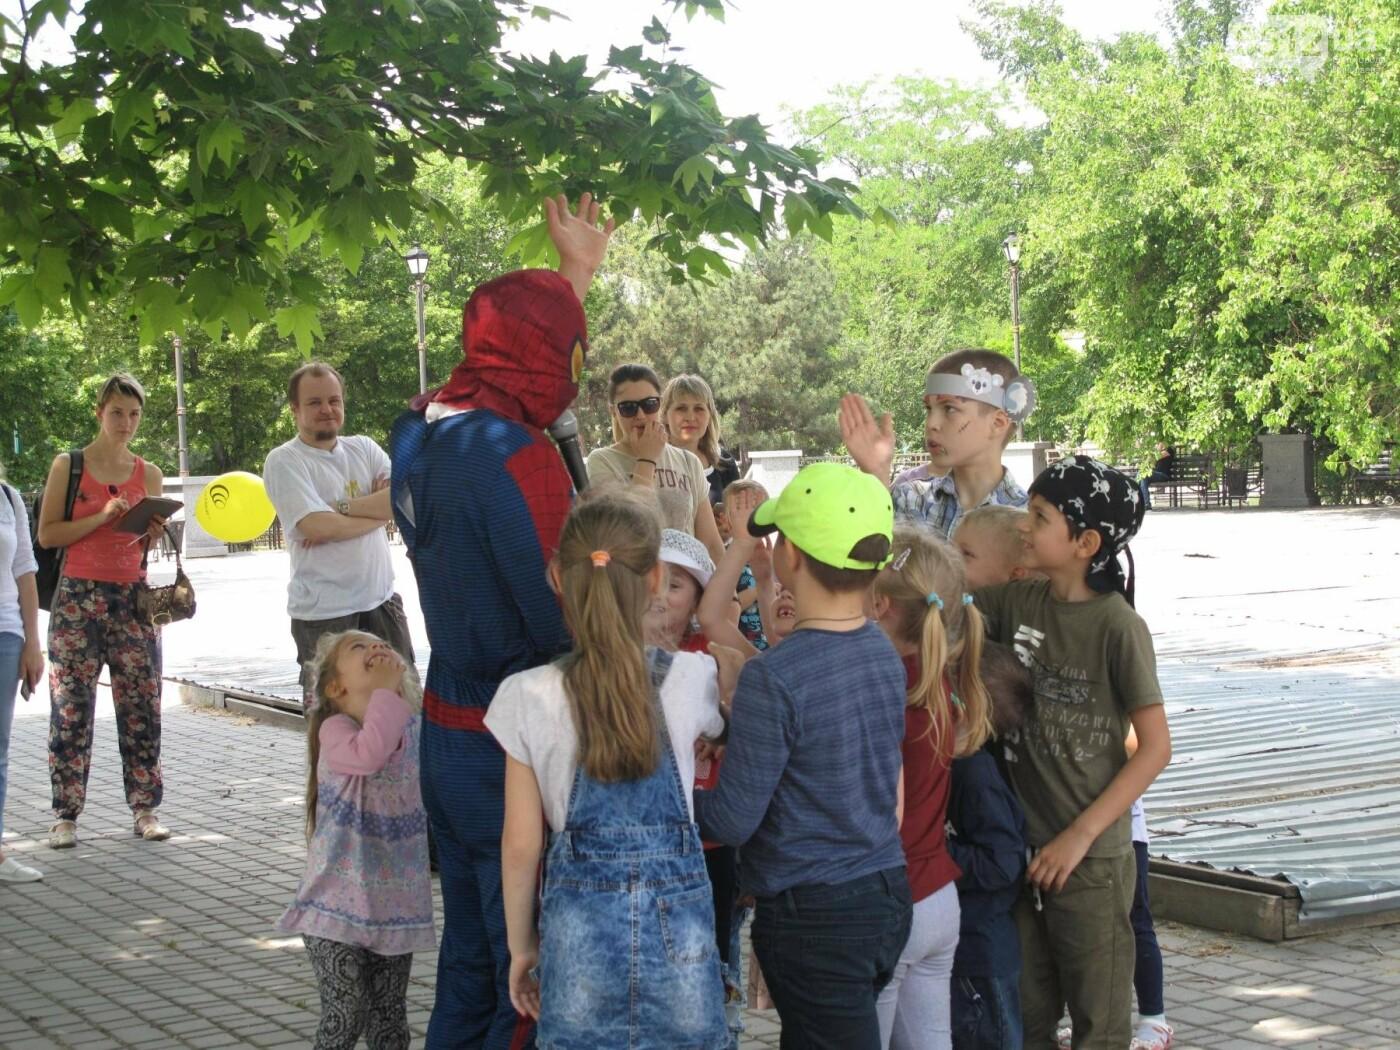 В Сердце города организовали развлекательную программу для детей с нарушением слуха., фото-2